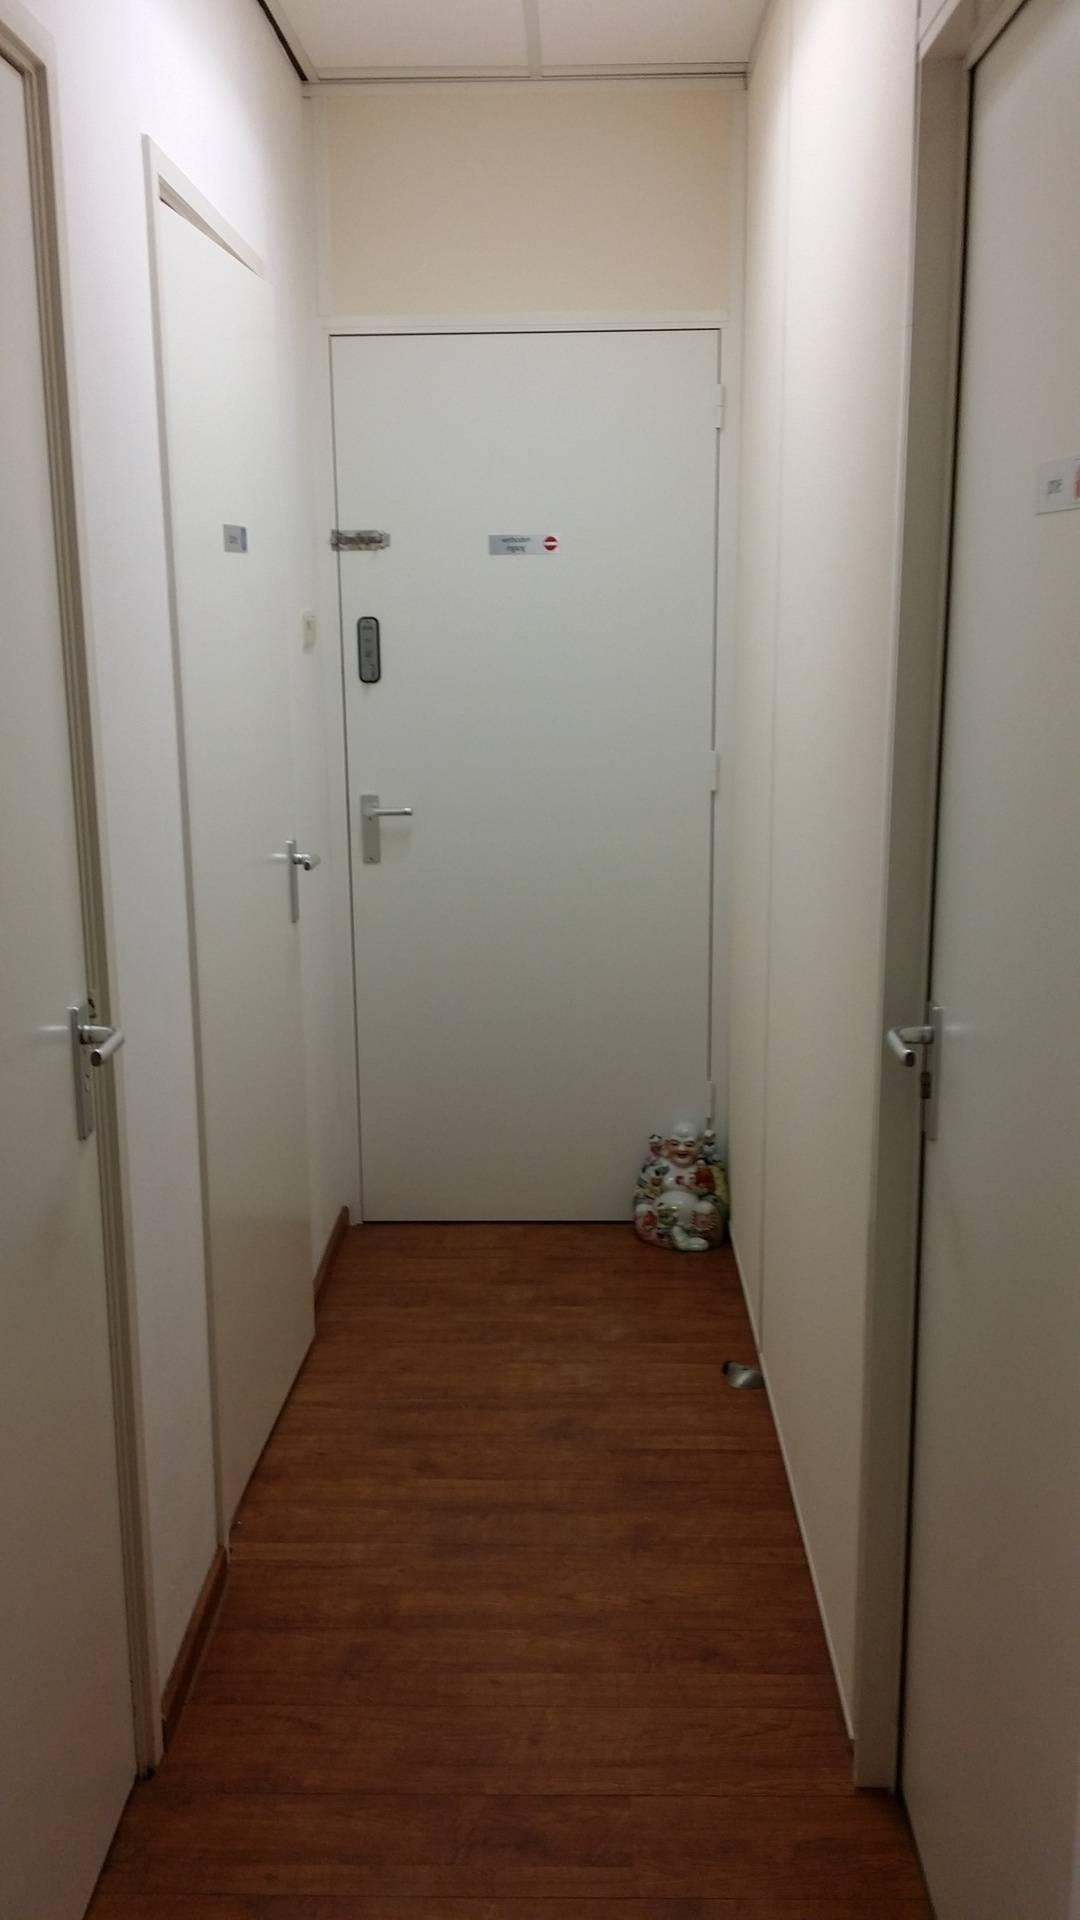 De hal bij de 2 toiletten en de doucheruimte...